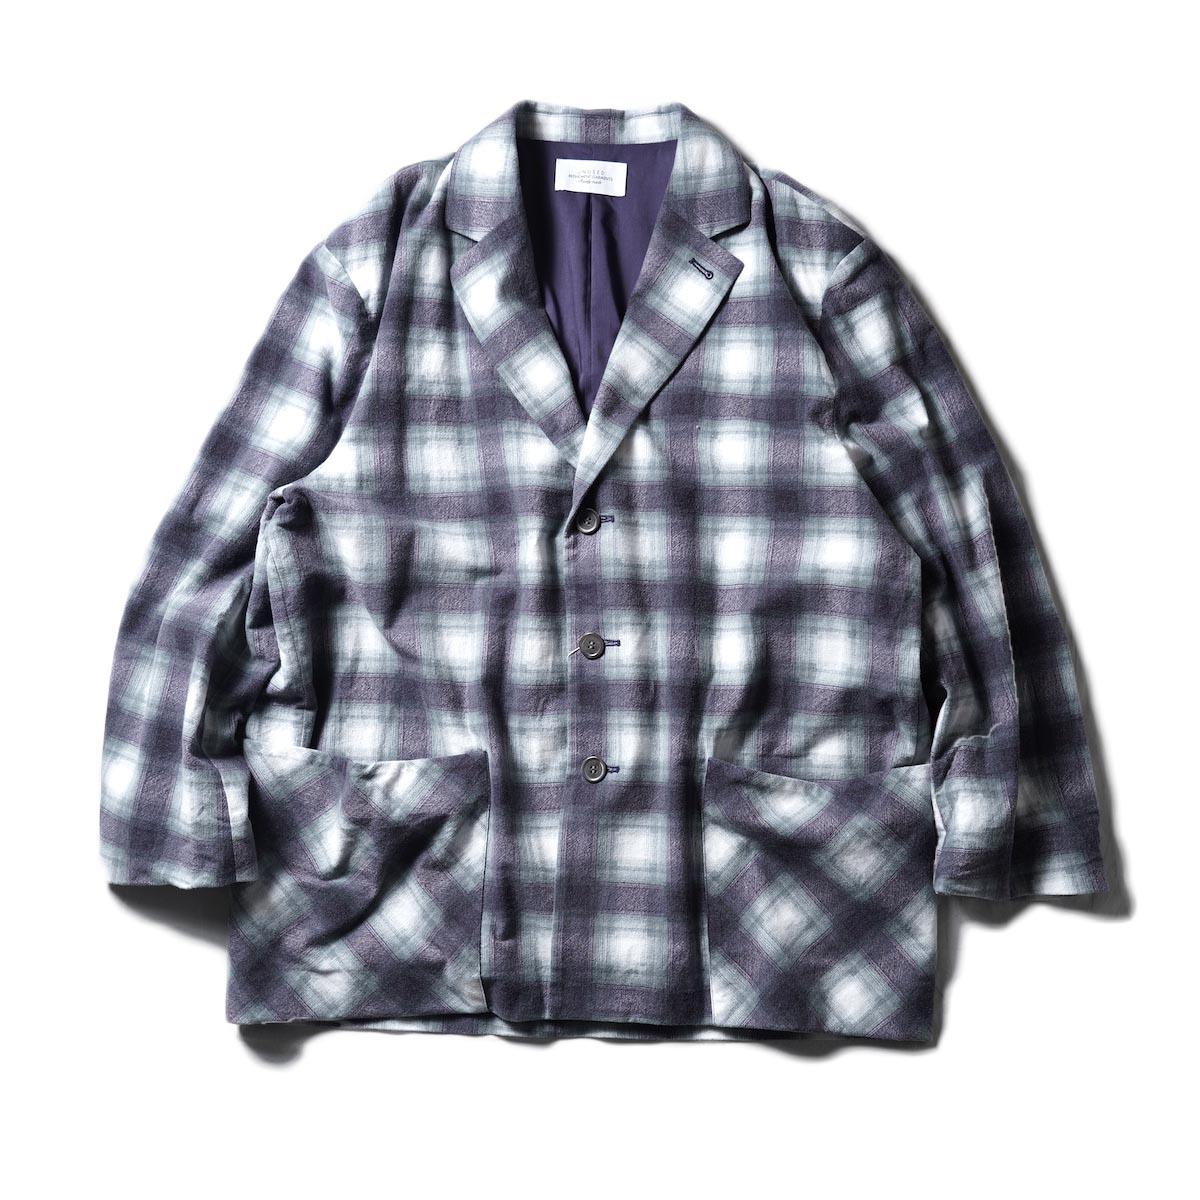 UNUSED / US2050 Cotton Printed Flannel 3B Jacket (Purple)